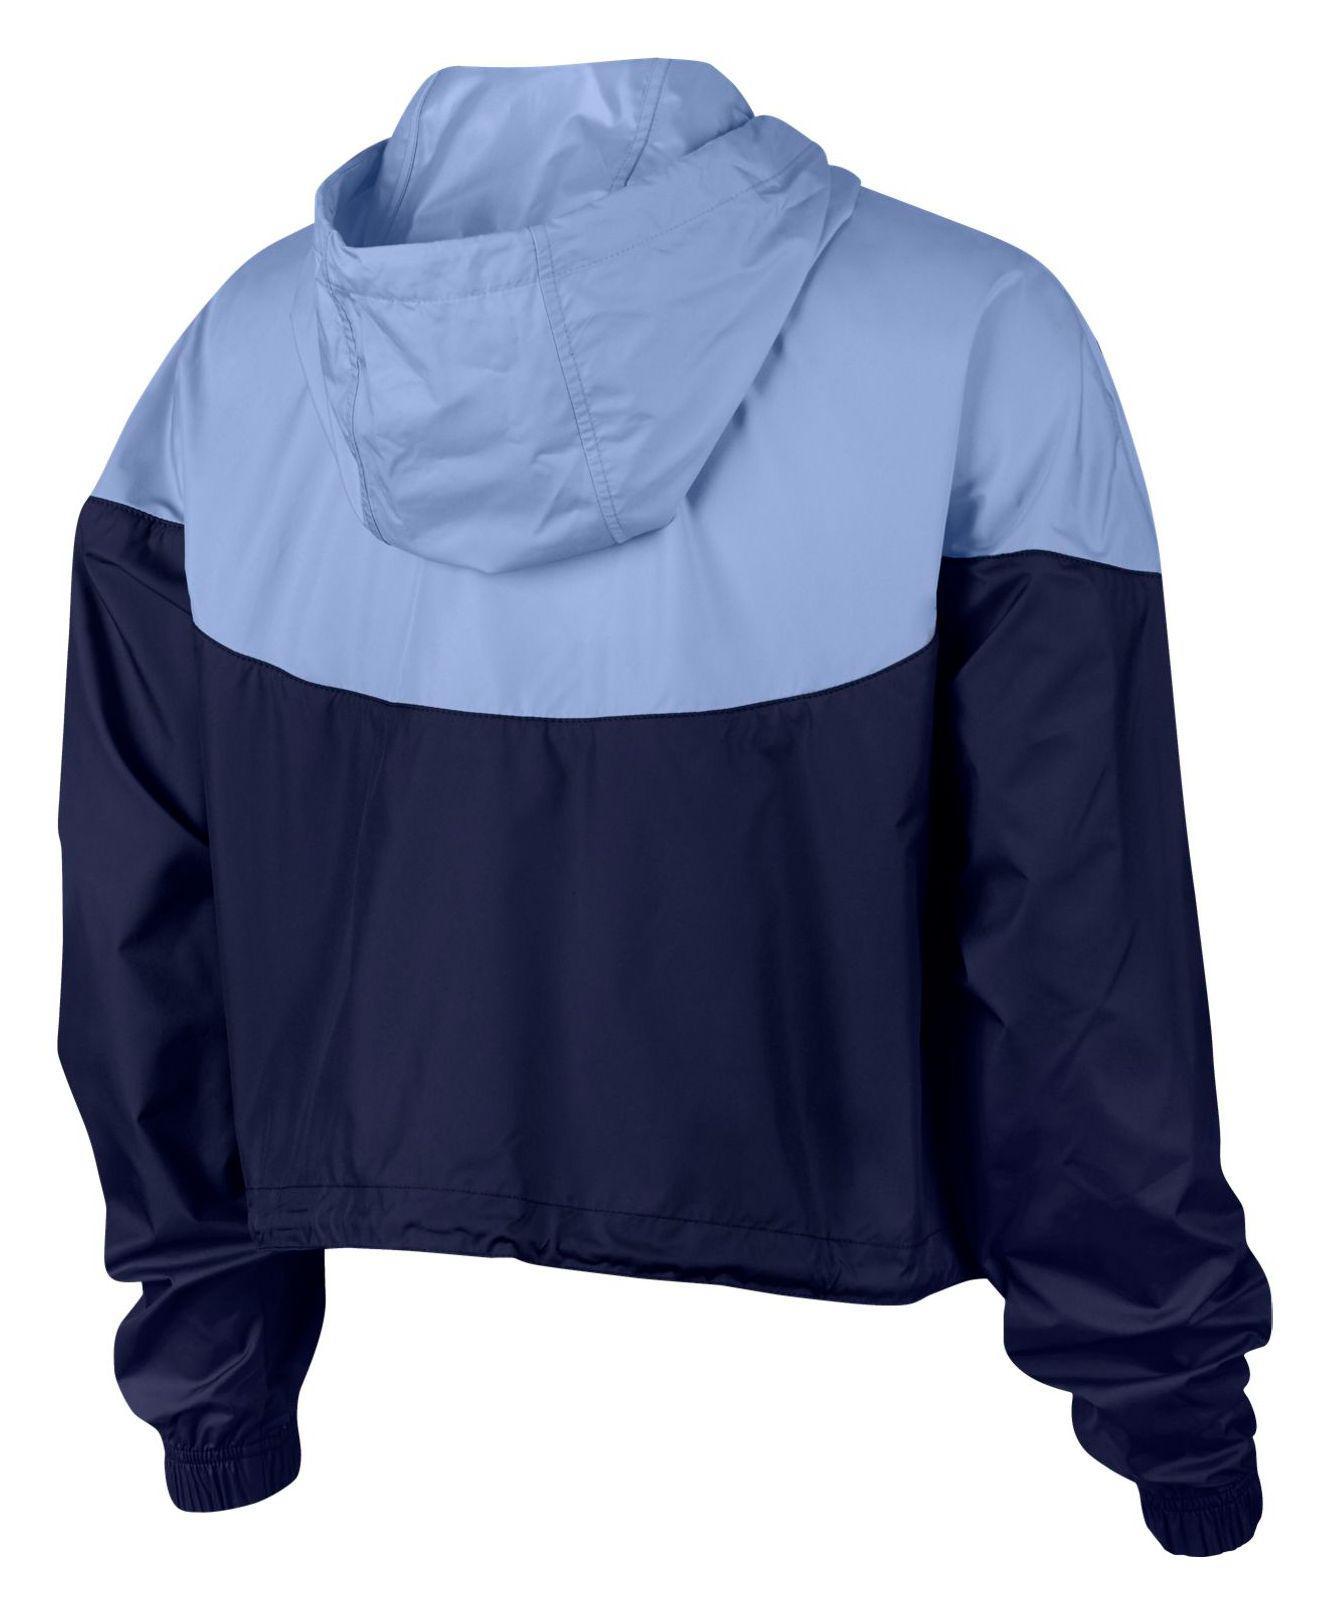 Lyst - Nike Sportswear Cropped Hooded Windbreaker in Blue 4a1a9f0a3